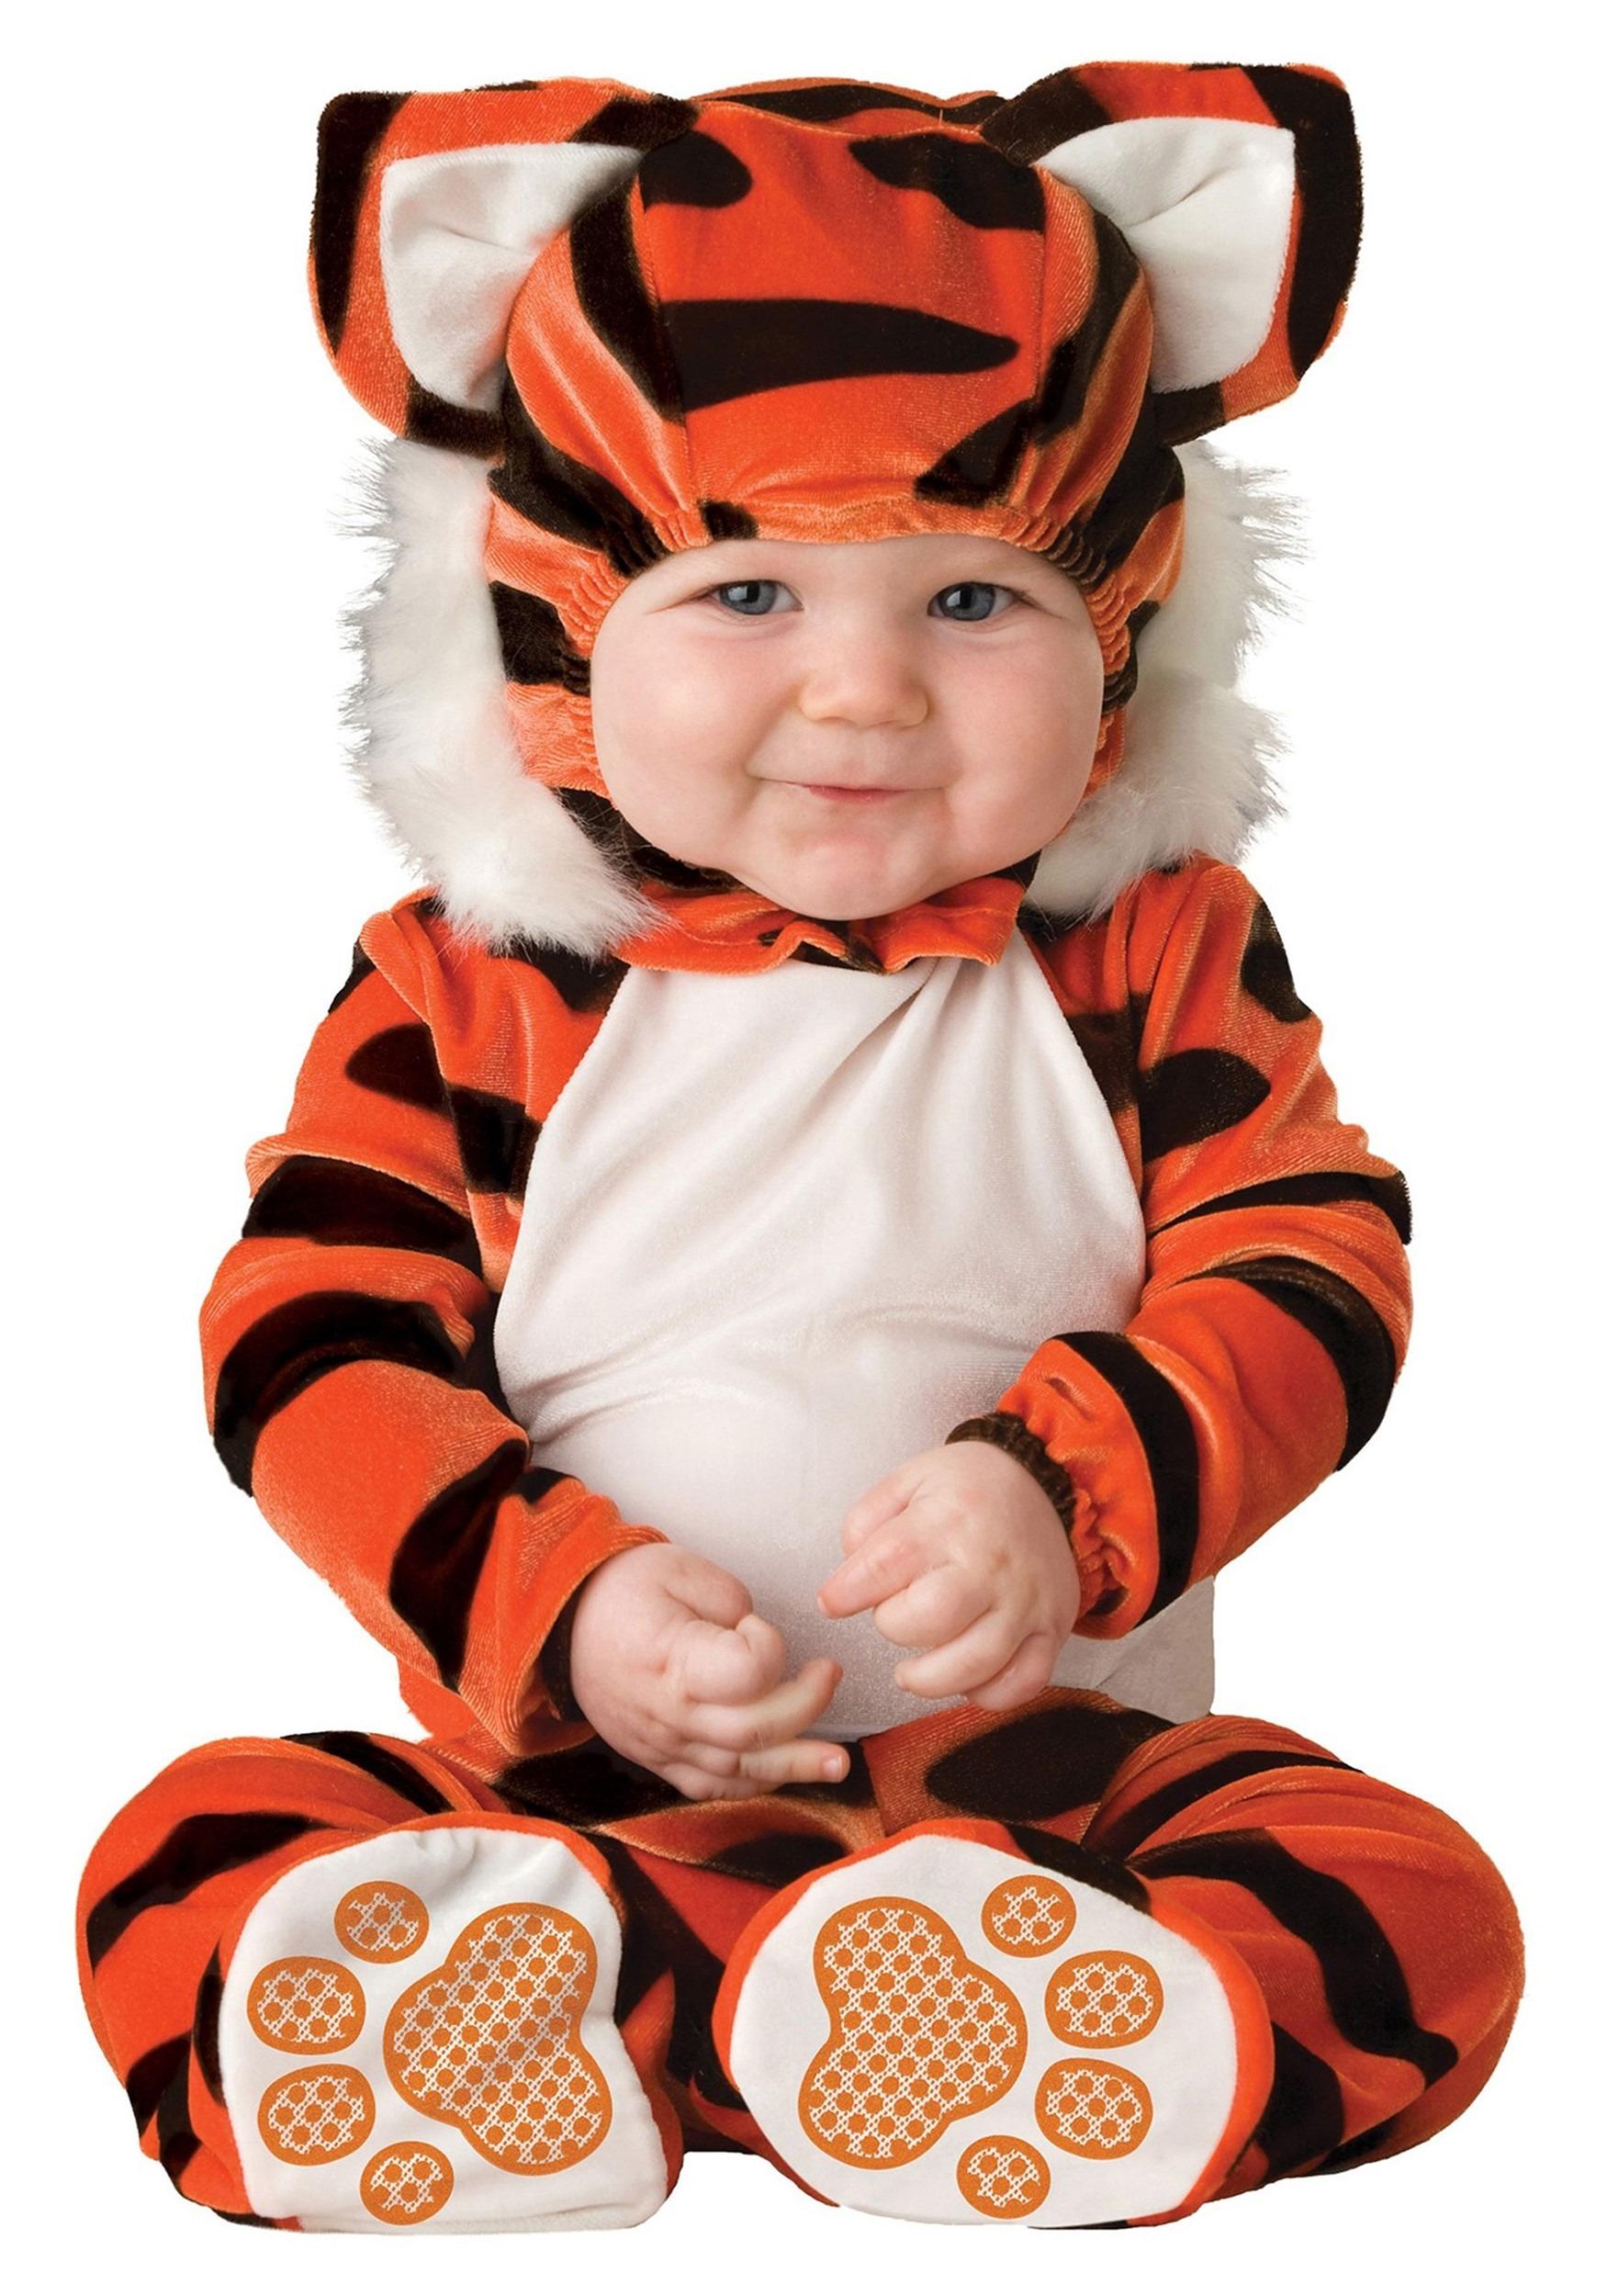 Tiger Costume For Infants